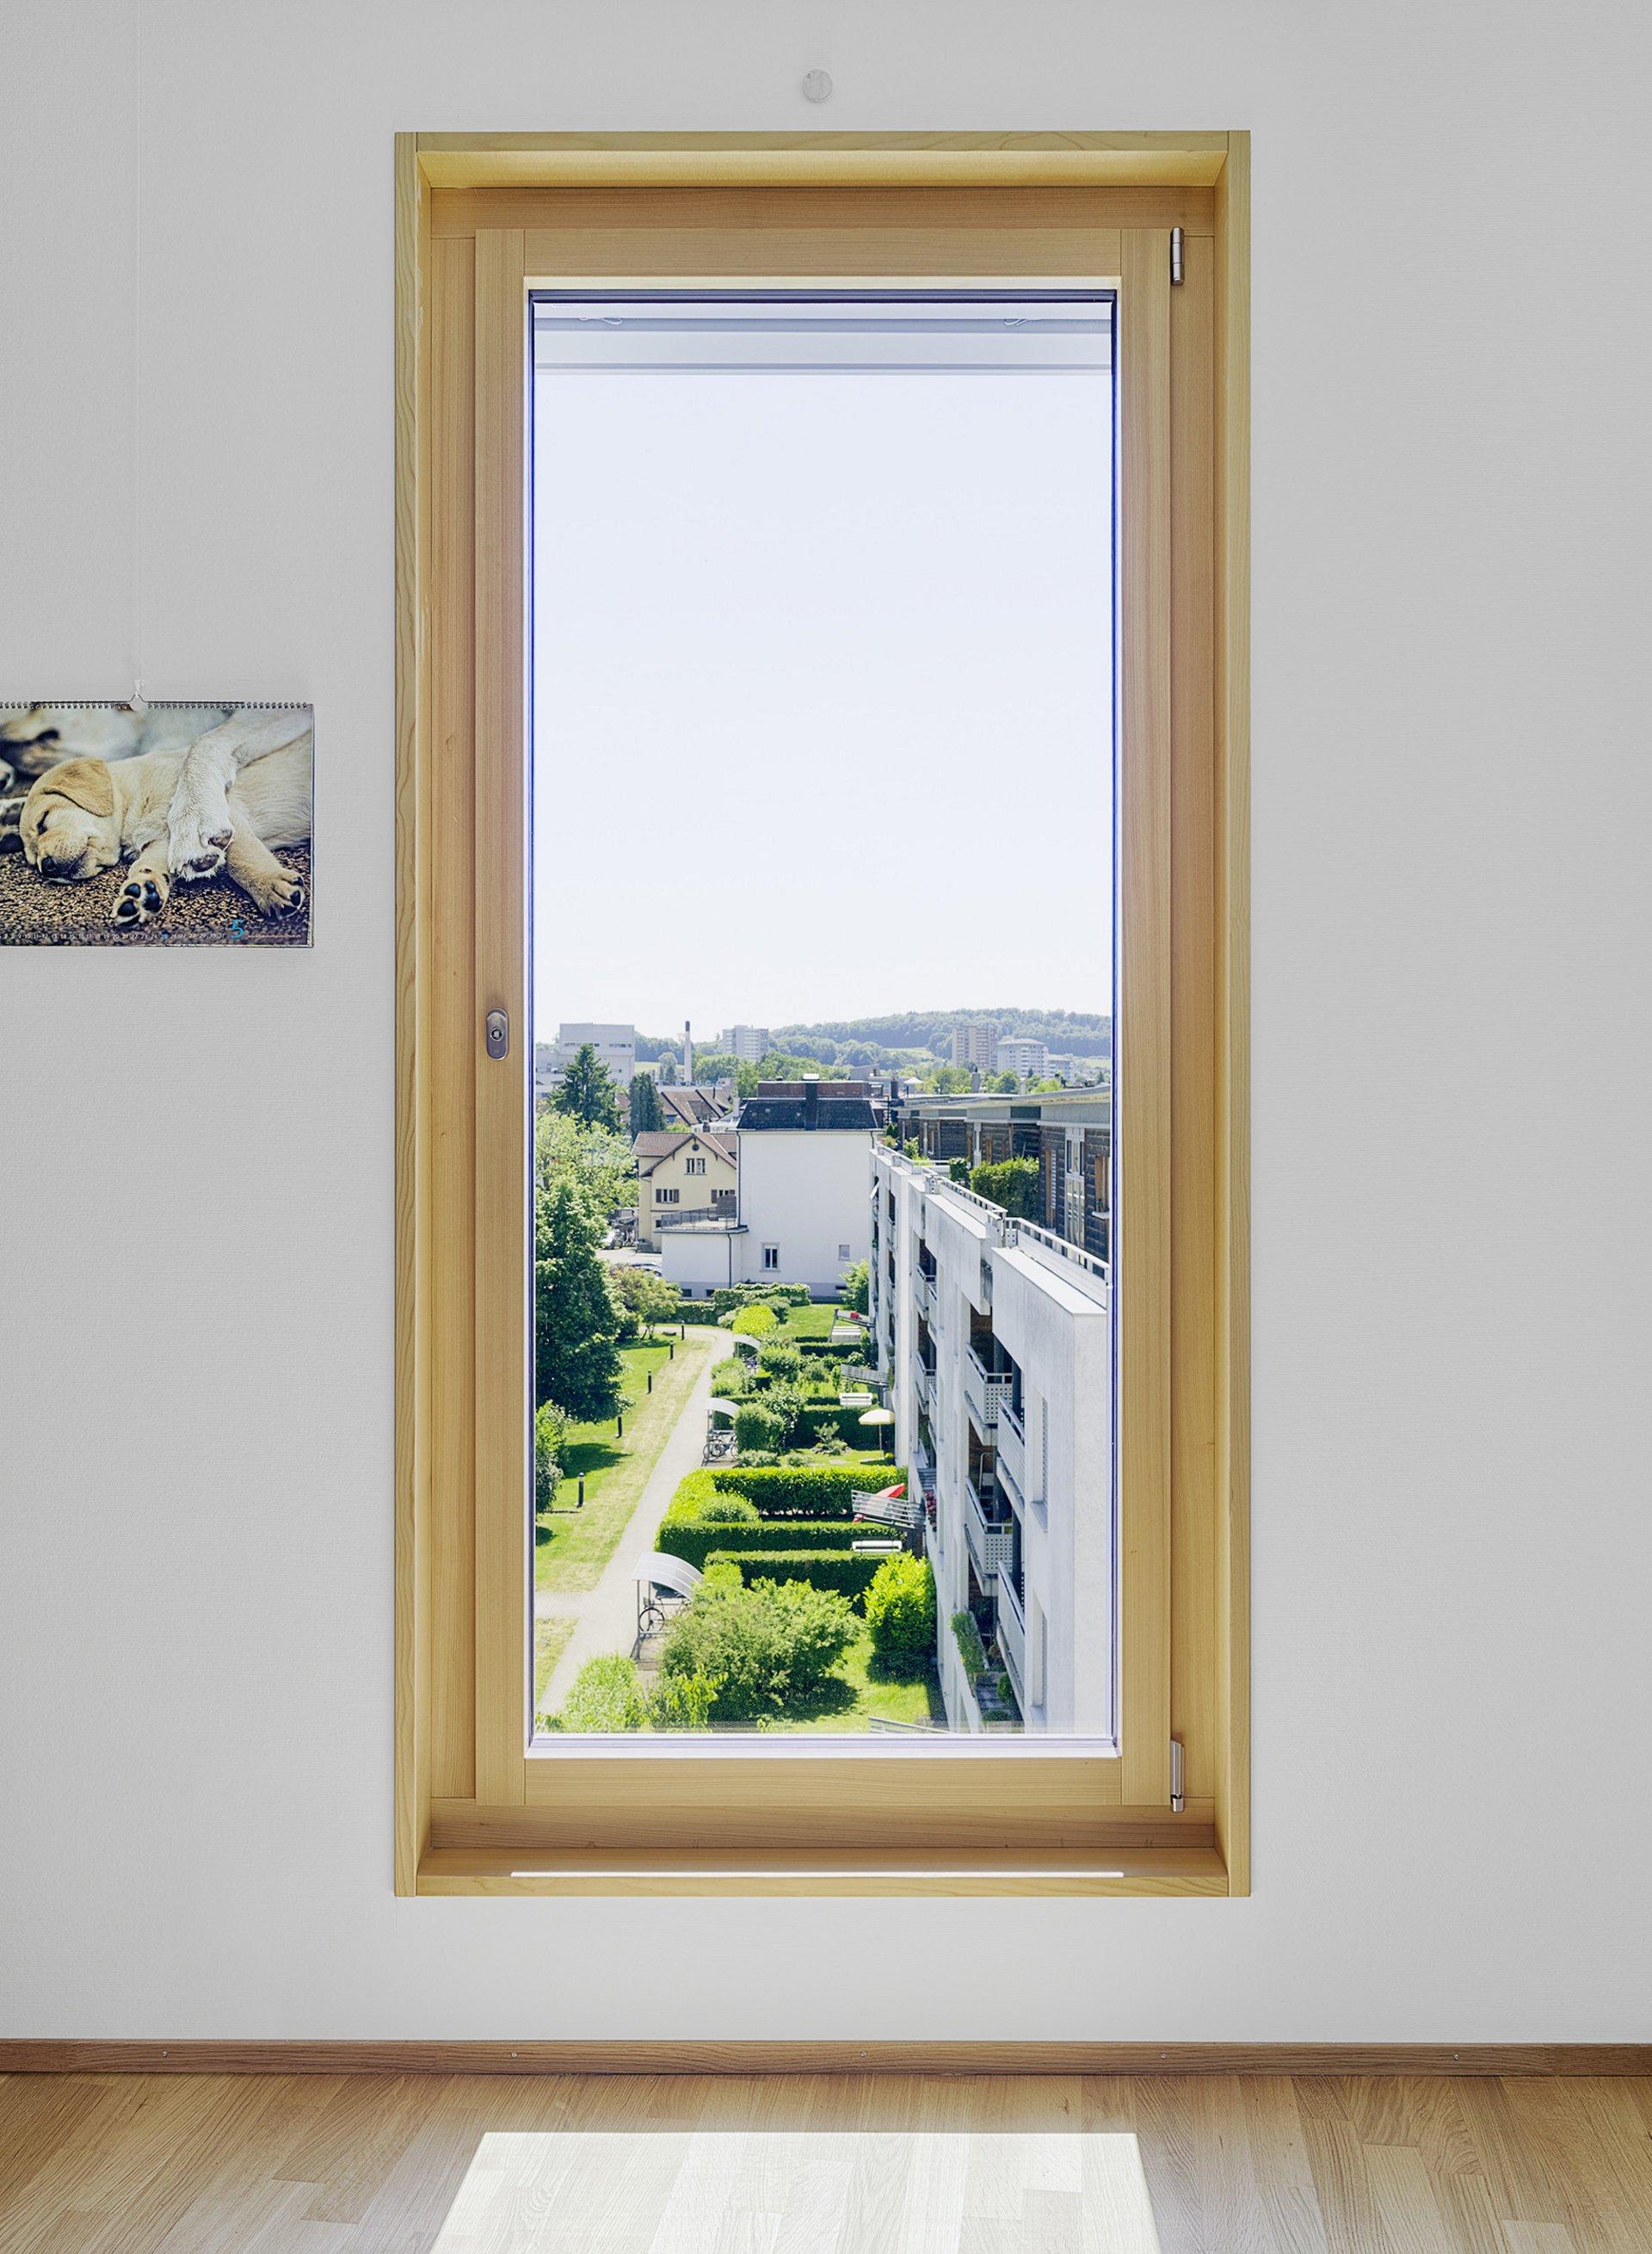 Grosses lichtspendendes Einflügelfenster in Holz-Metallkonstruktion